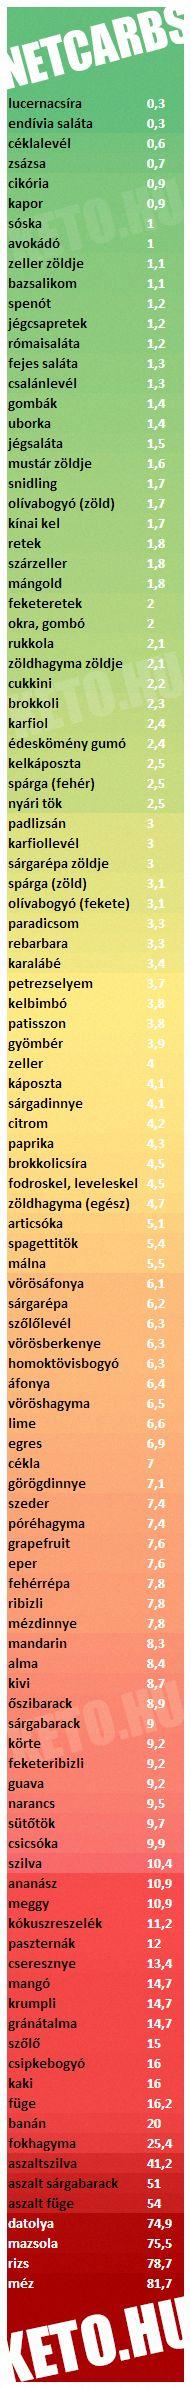 Nettó szénhidrát táblázat magyarul